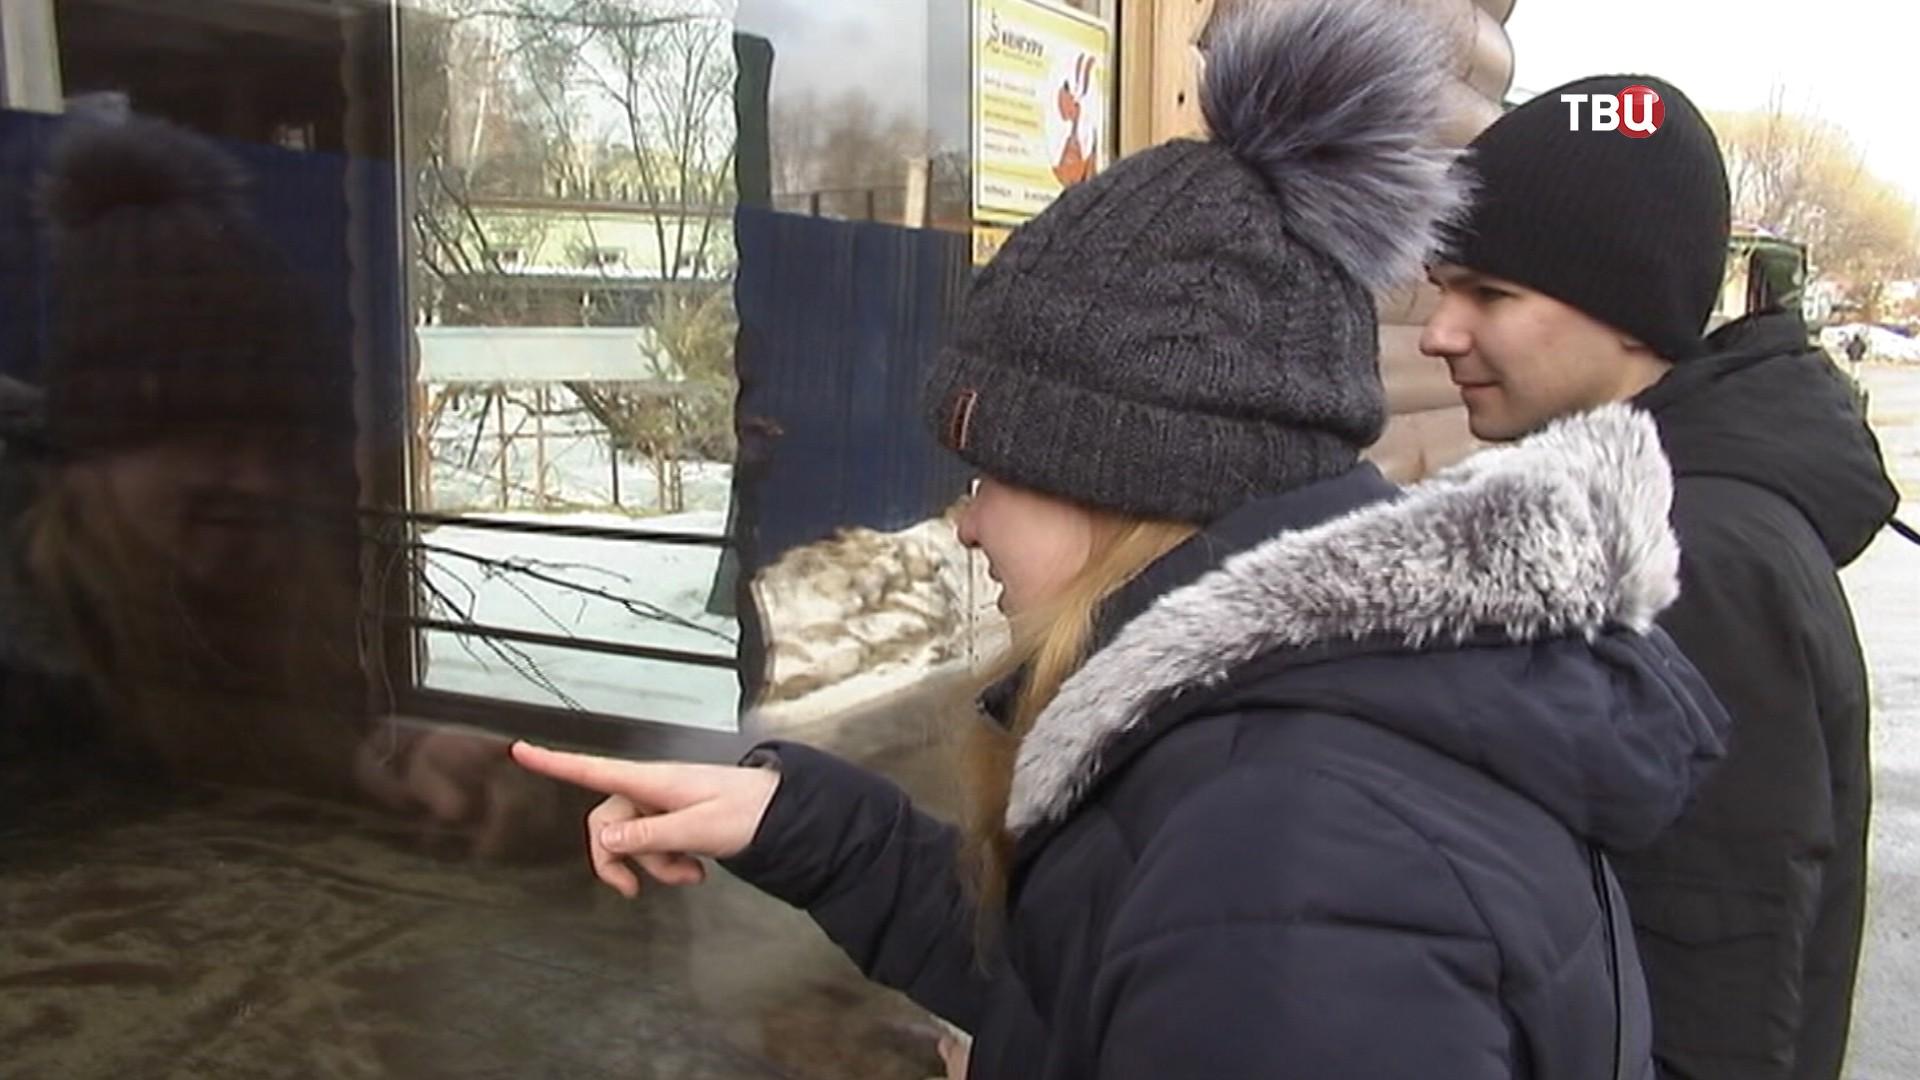 Посетители зоопарка в Санкт-Петербурге